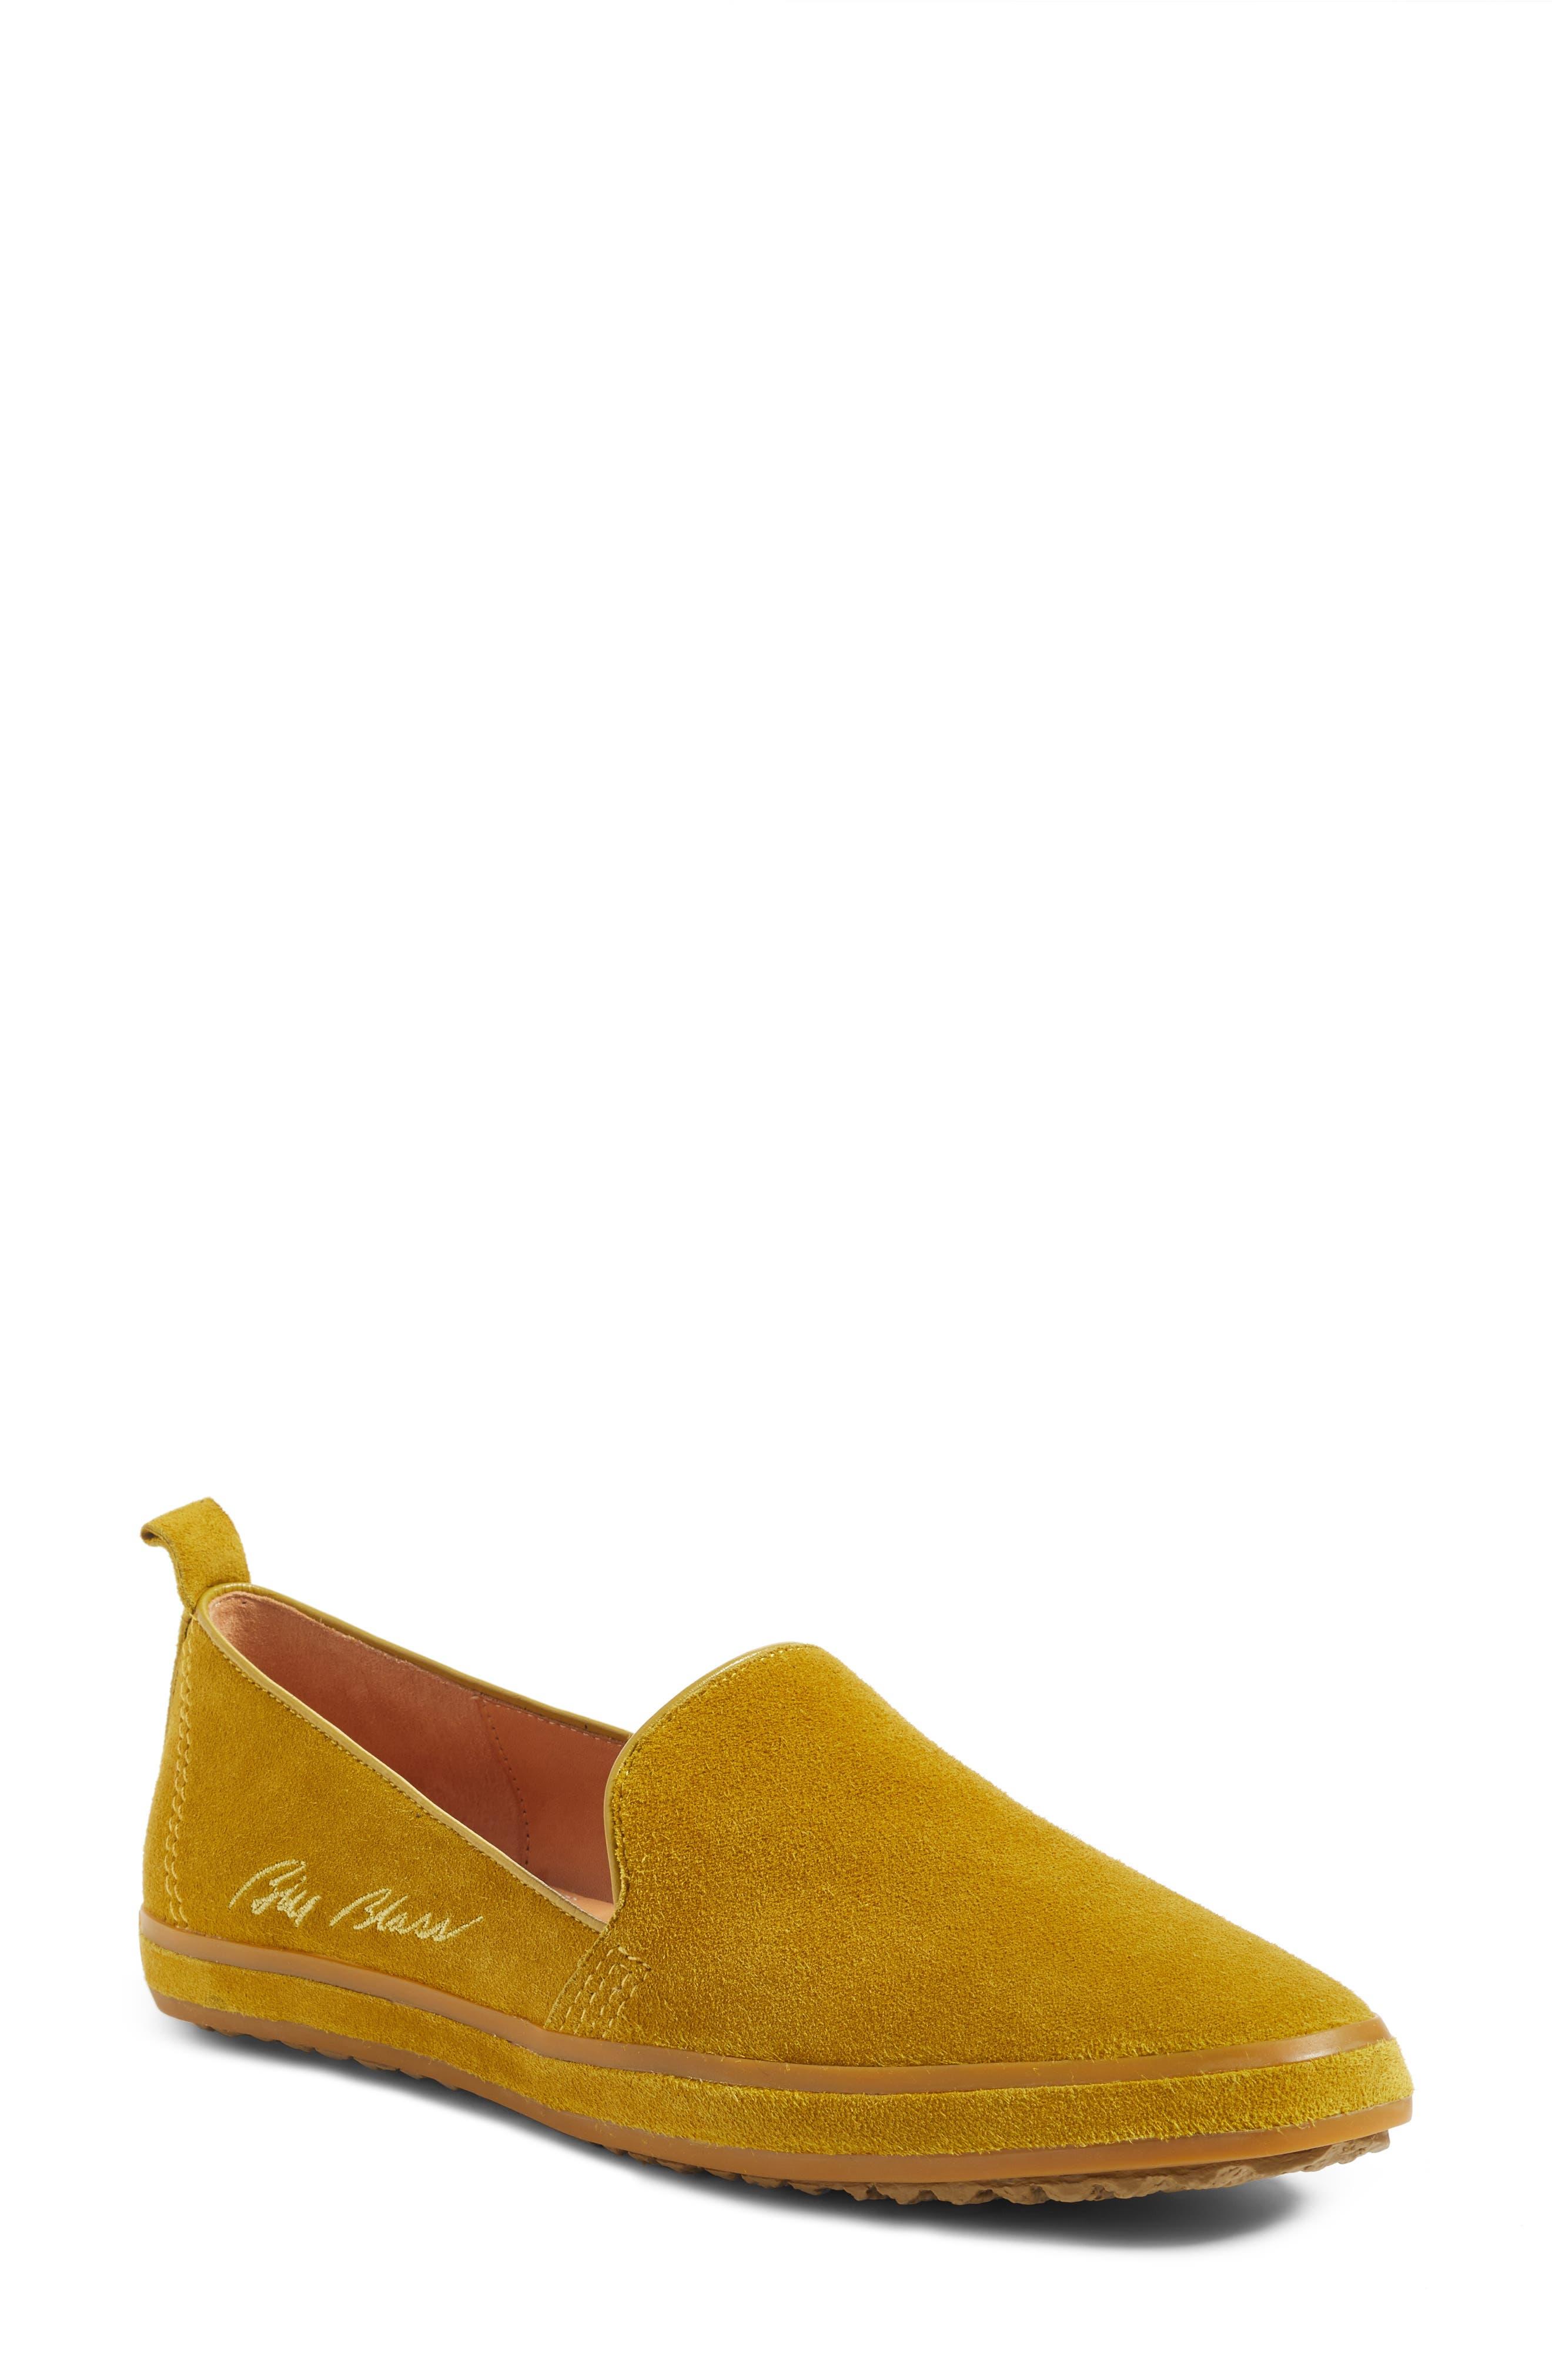 Bill Blass | Sutton Slip-On Loafer